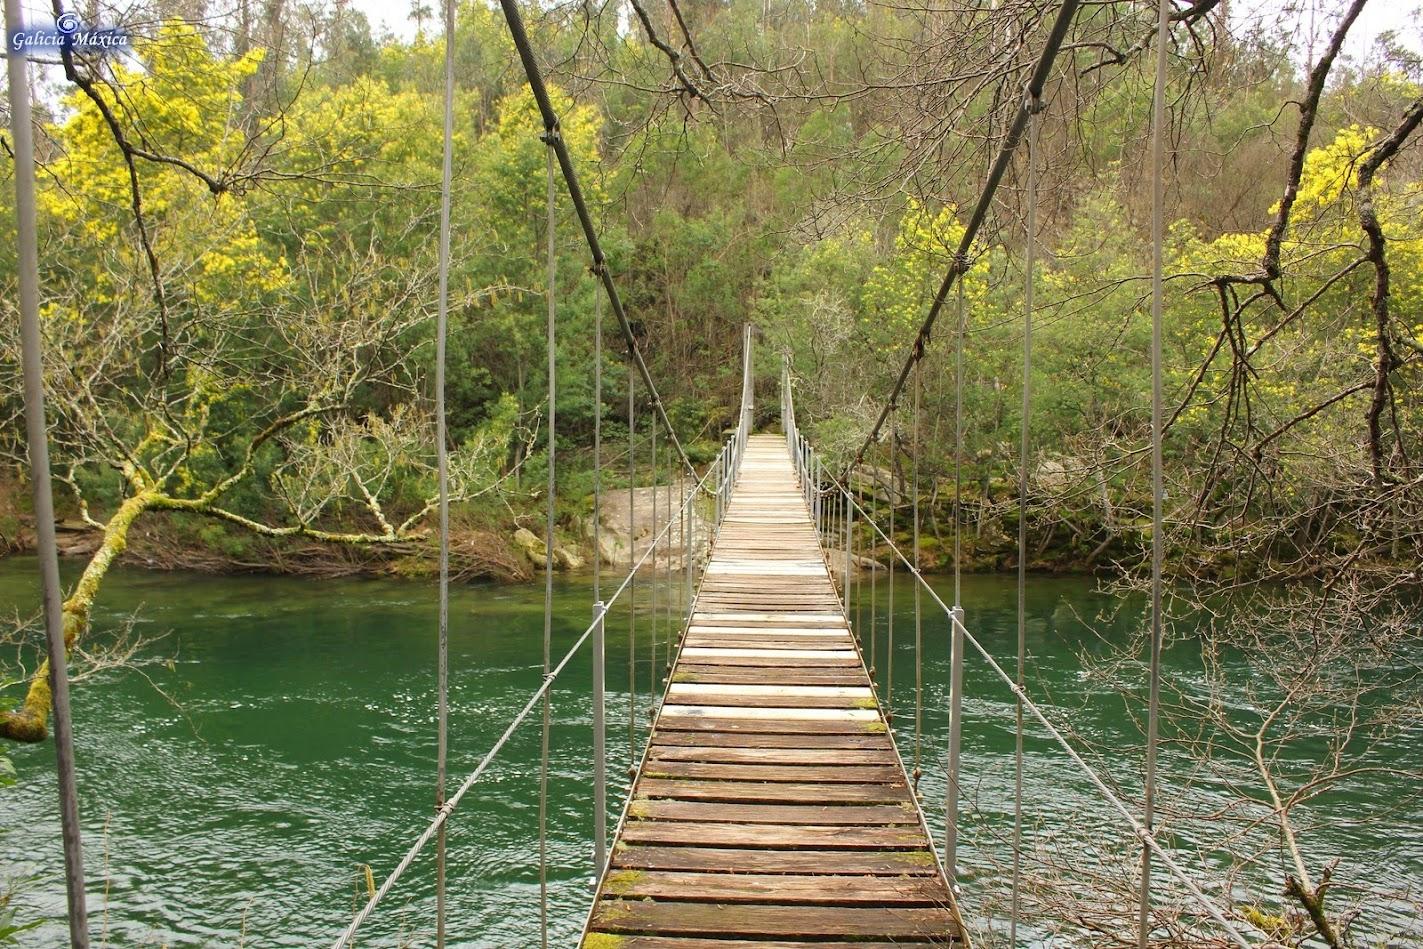 Puente Colgante del Verdugo | GALICIA MÁXICA